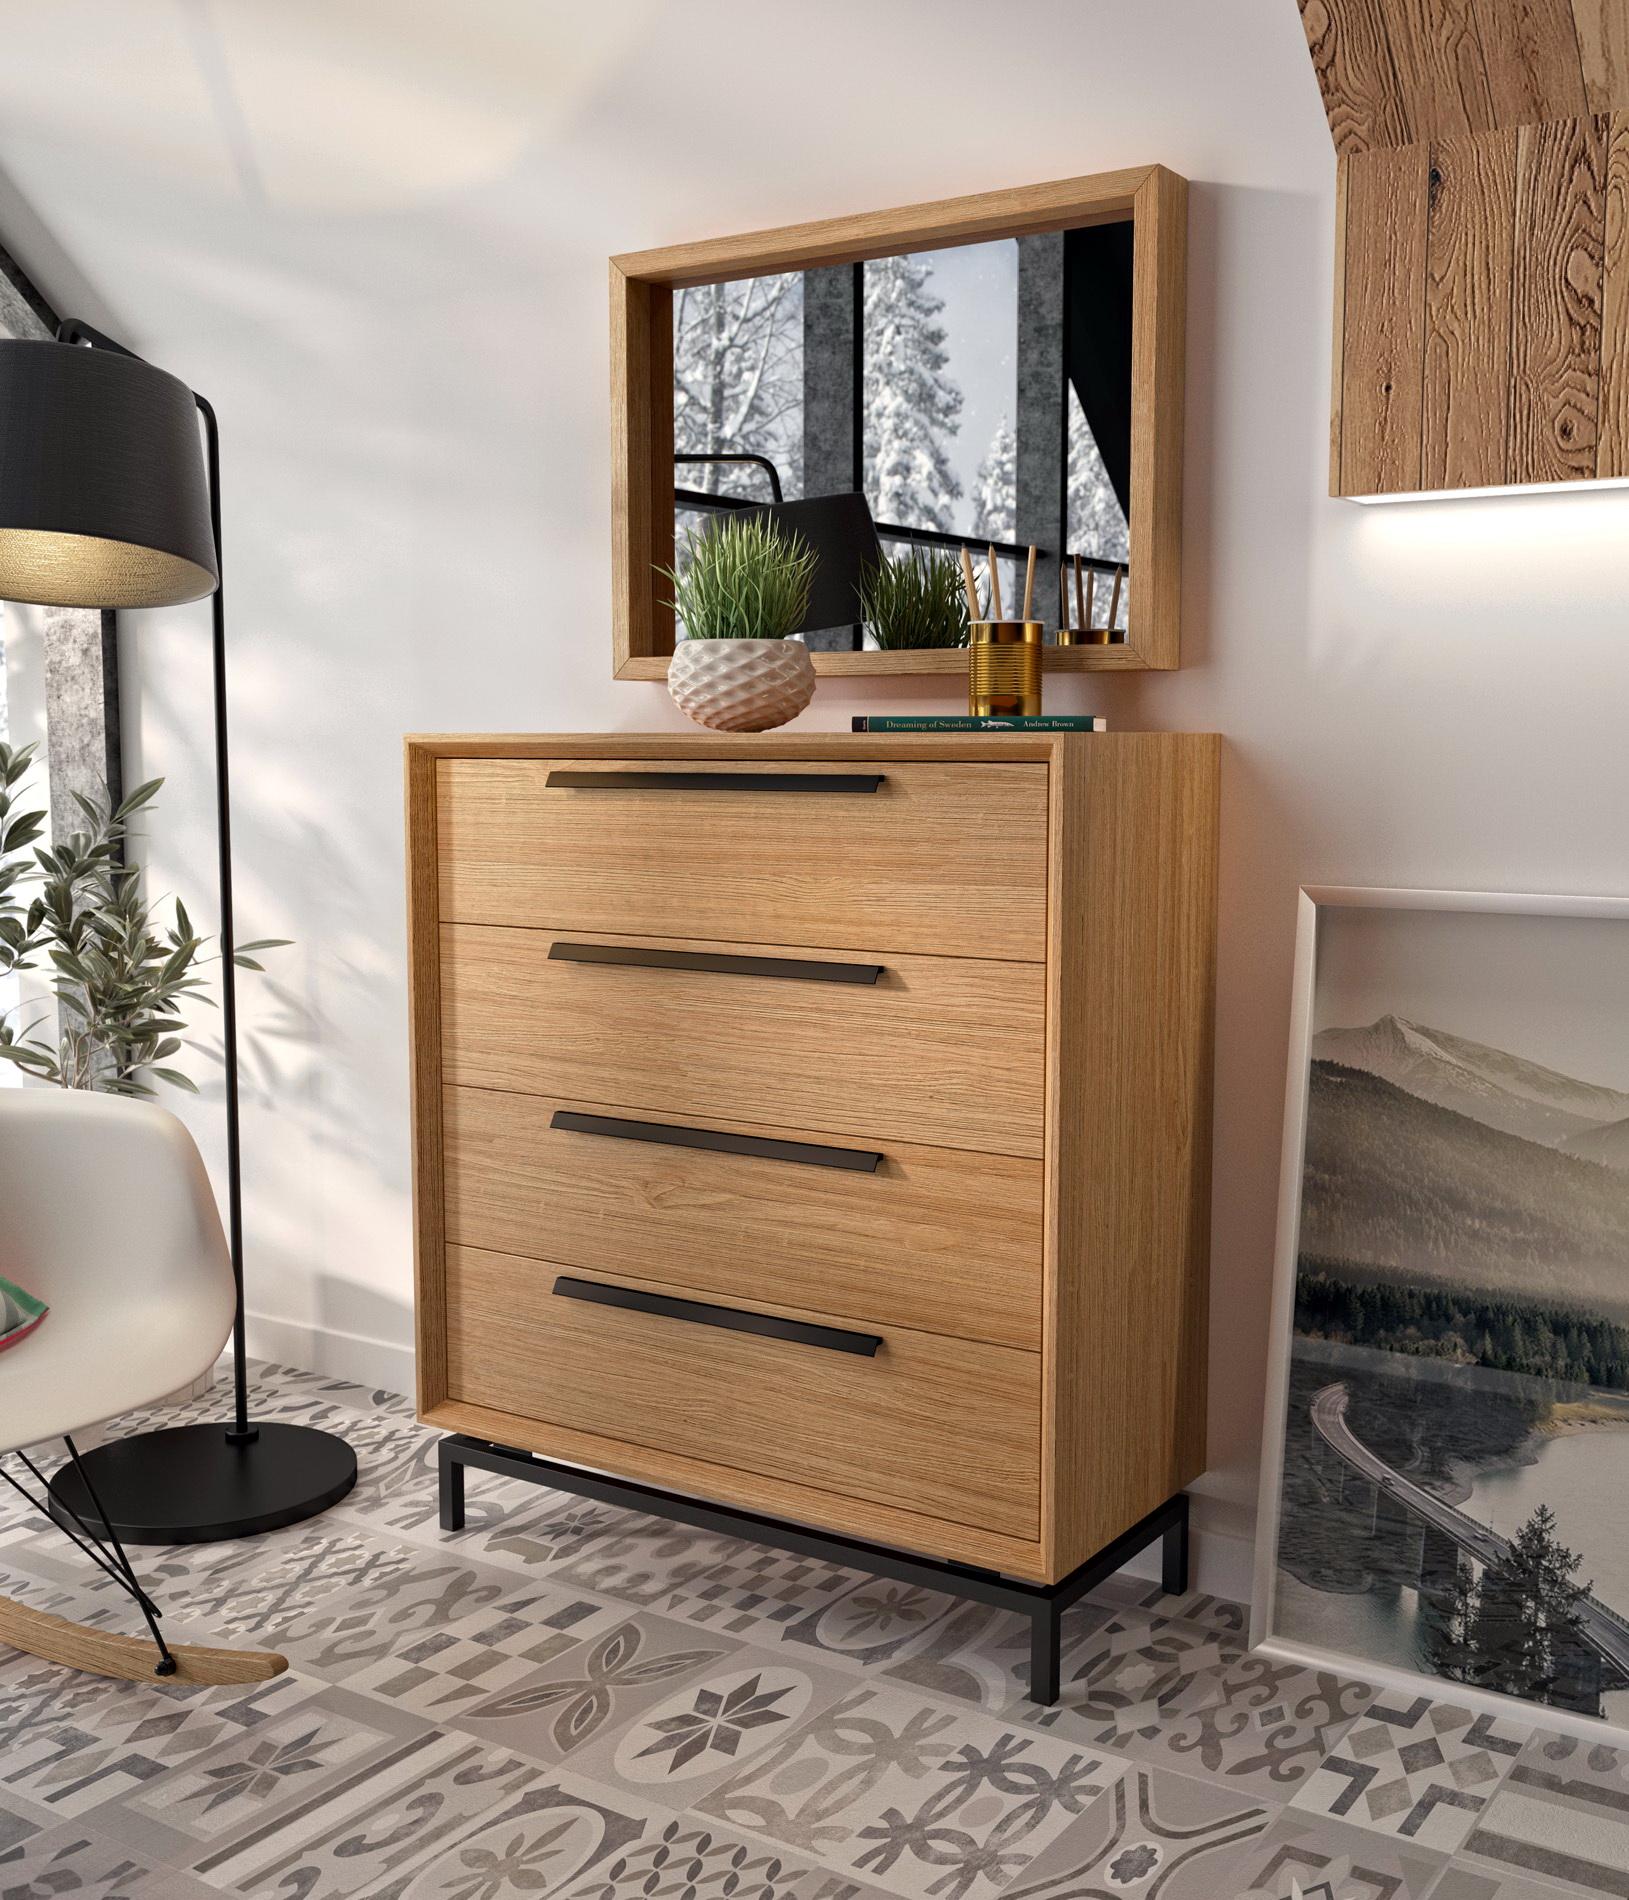 Cómoda dormitorio by Divogue Grupo Seys GS_COMODA ESTORIL_CIC1 de venta en MUEBLES ANTOÑÁN León